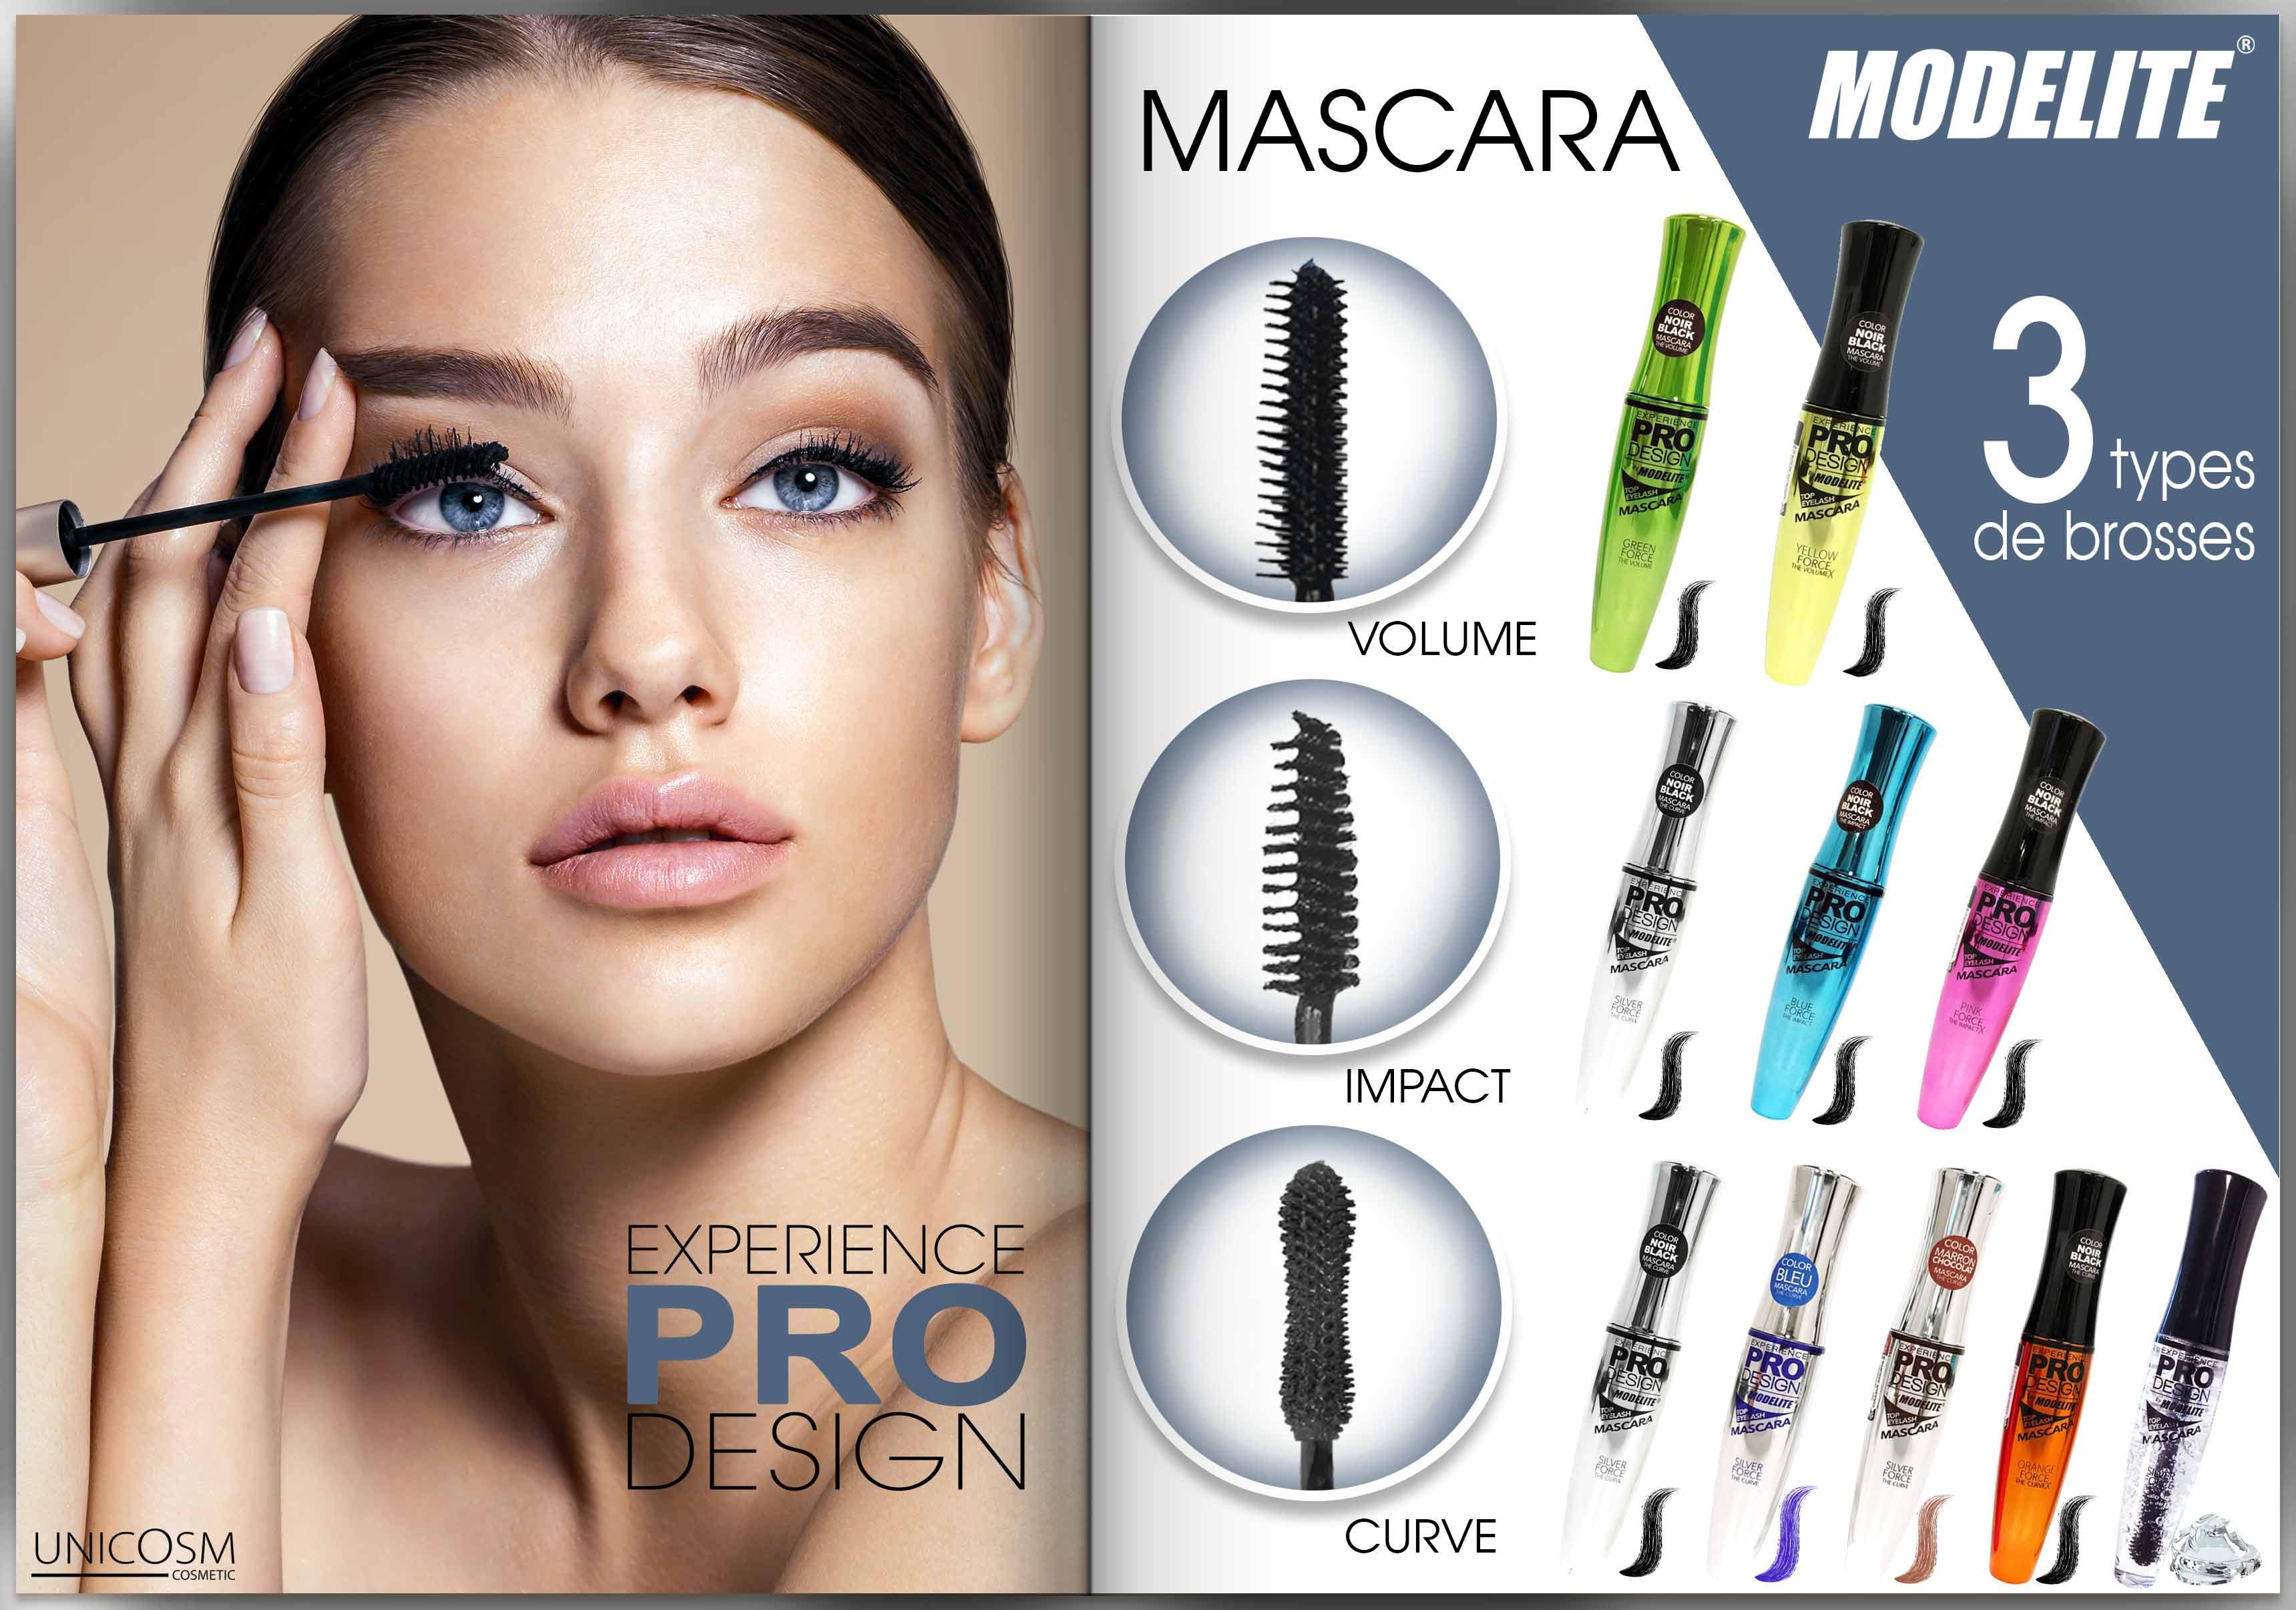 Brosses mascara Modelite